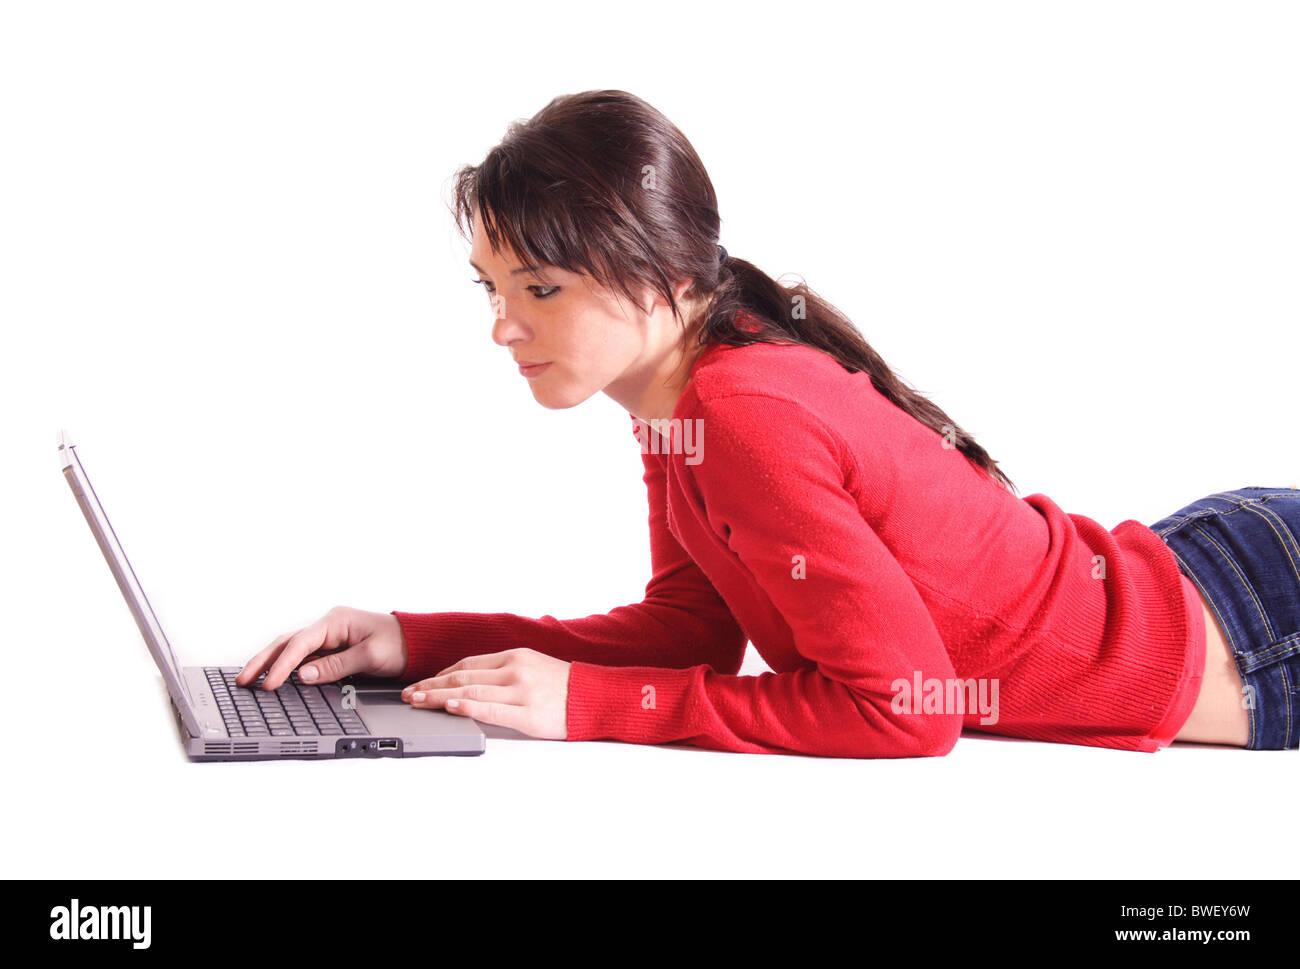 babd0a1a649 Un joven apuesto mujer navegar por internet mientras yacían en el suelo.  Todas aisladas sobre